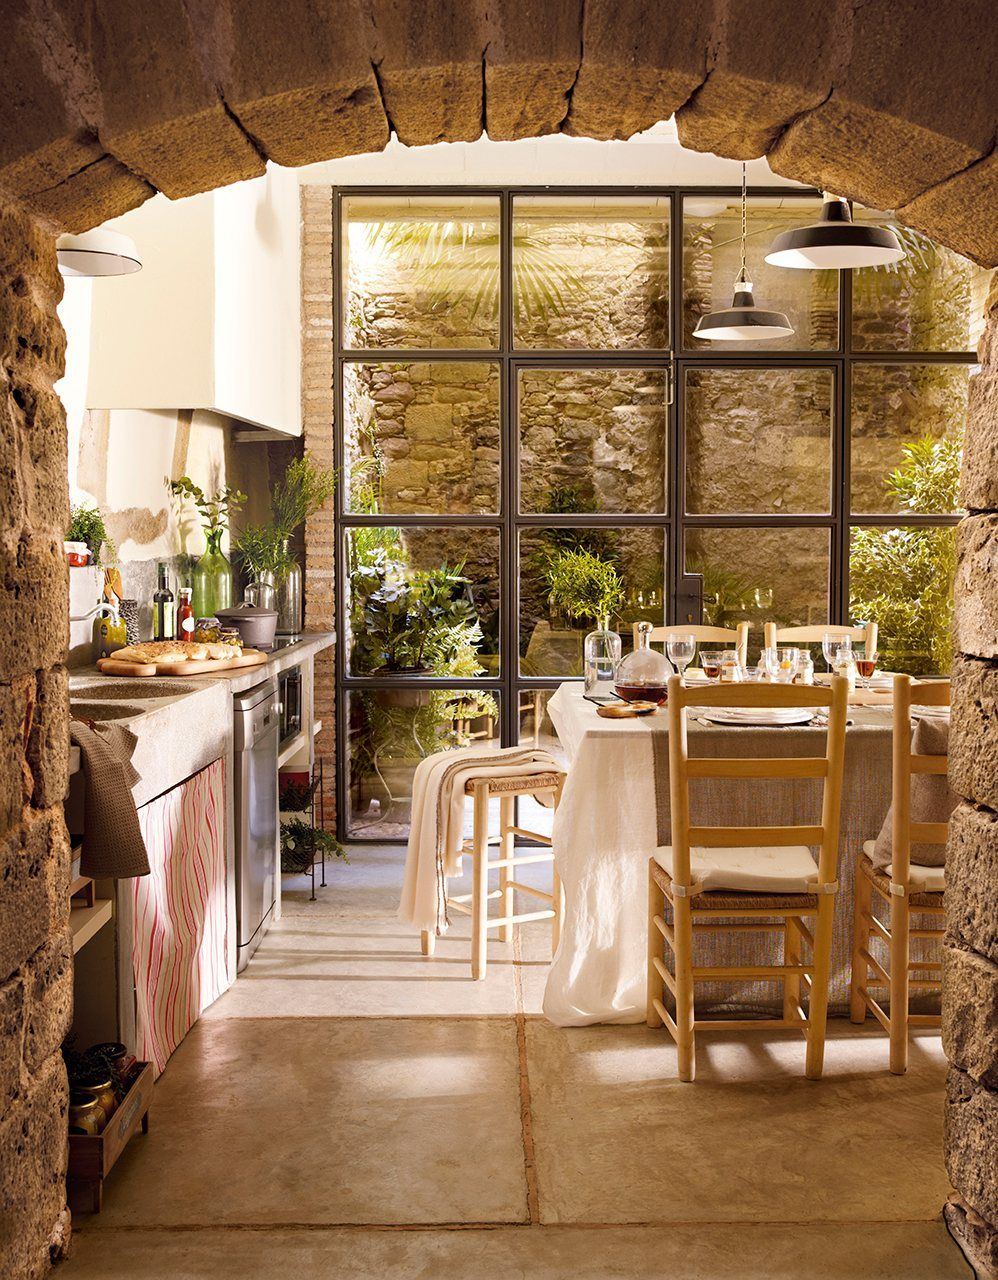 De la huerta a la mesa cocinar con conservas restaurant - Mesas de cocina rusticas ...